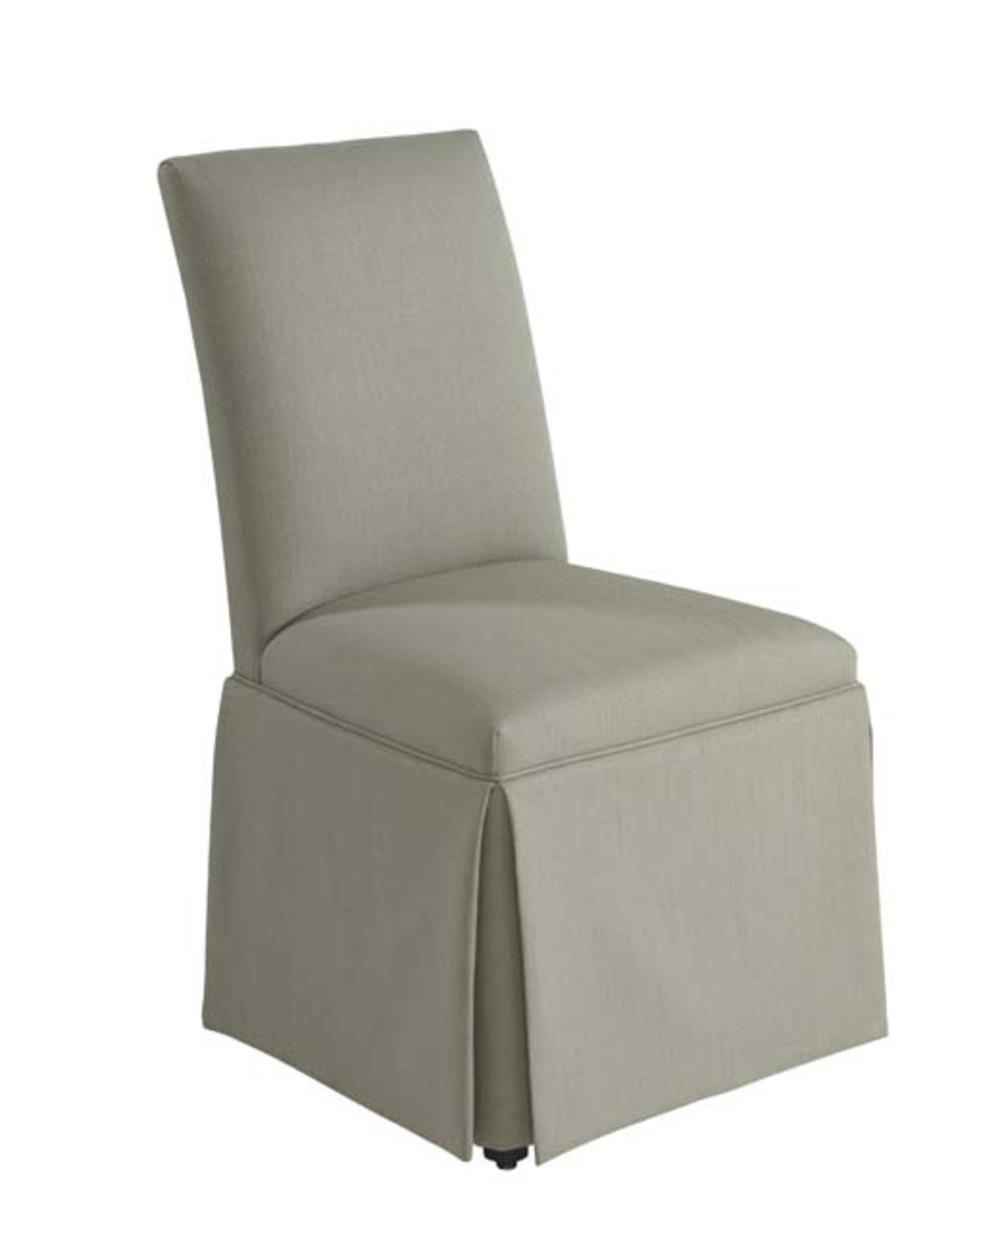 Designmaster Furniture - Marietta Side Chair